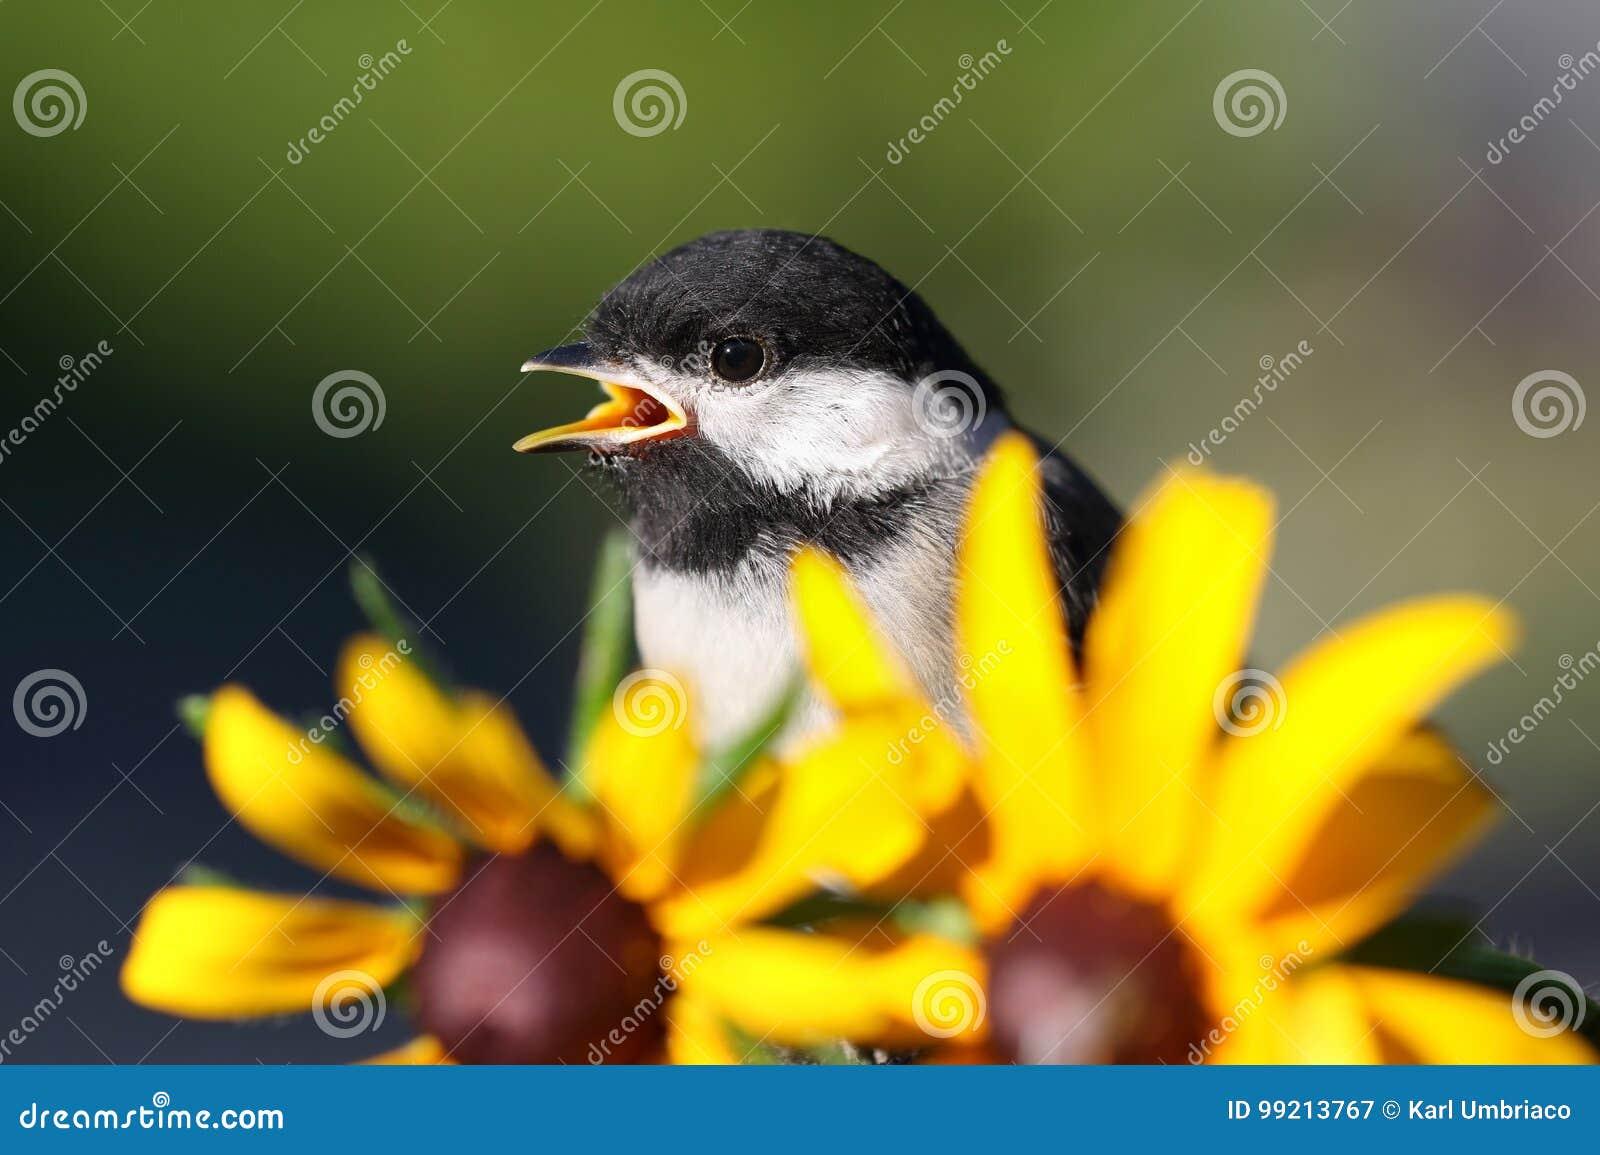 Chickadee and flower